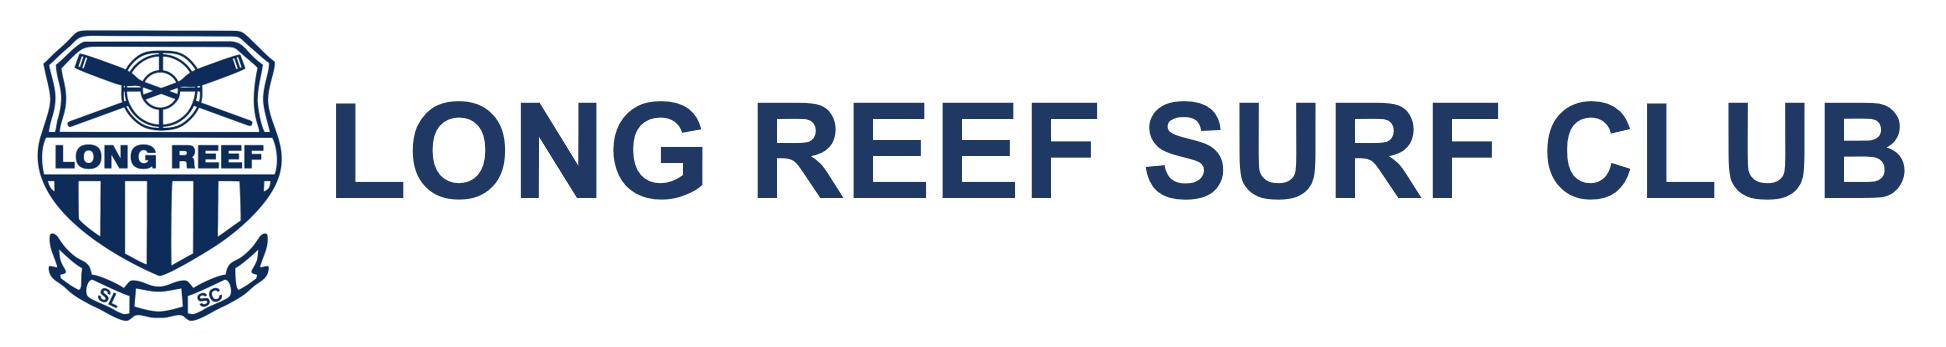 Long Reef SLSC